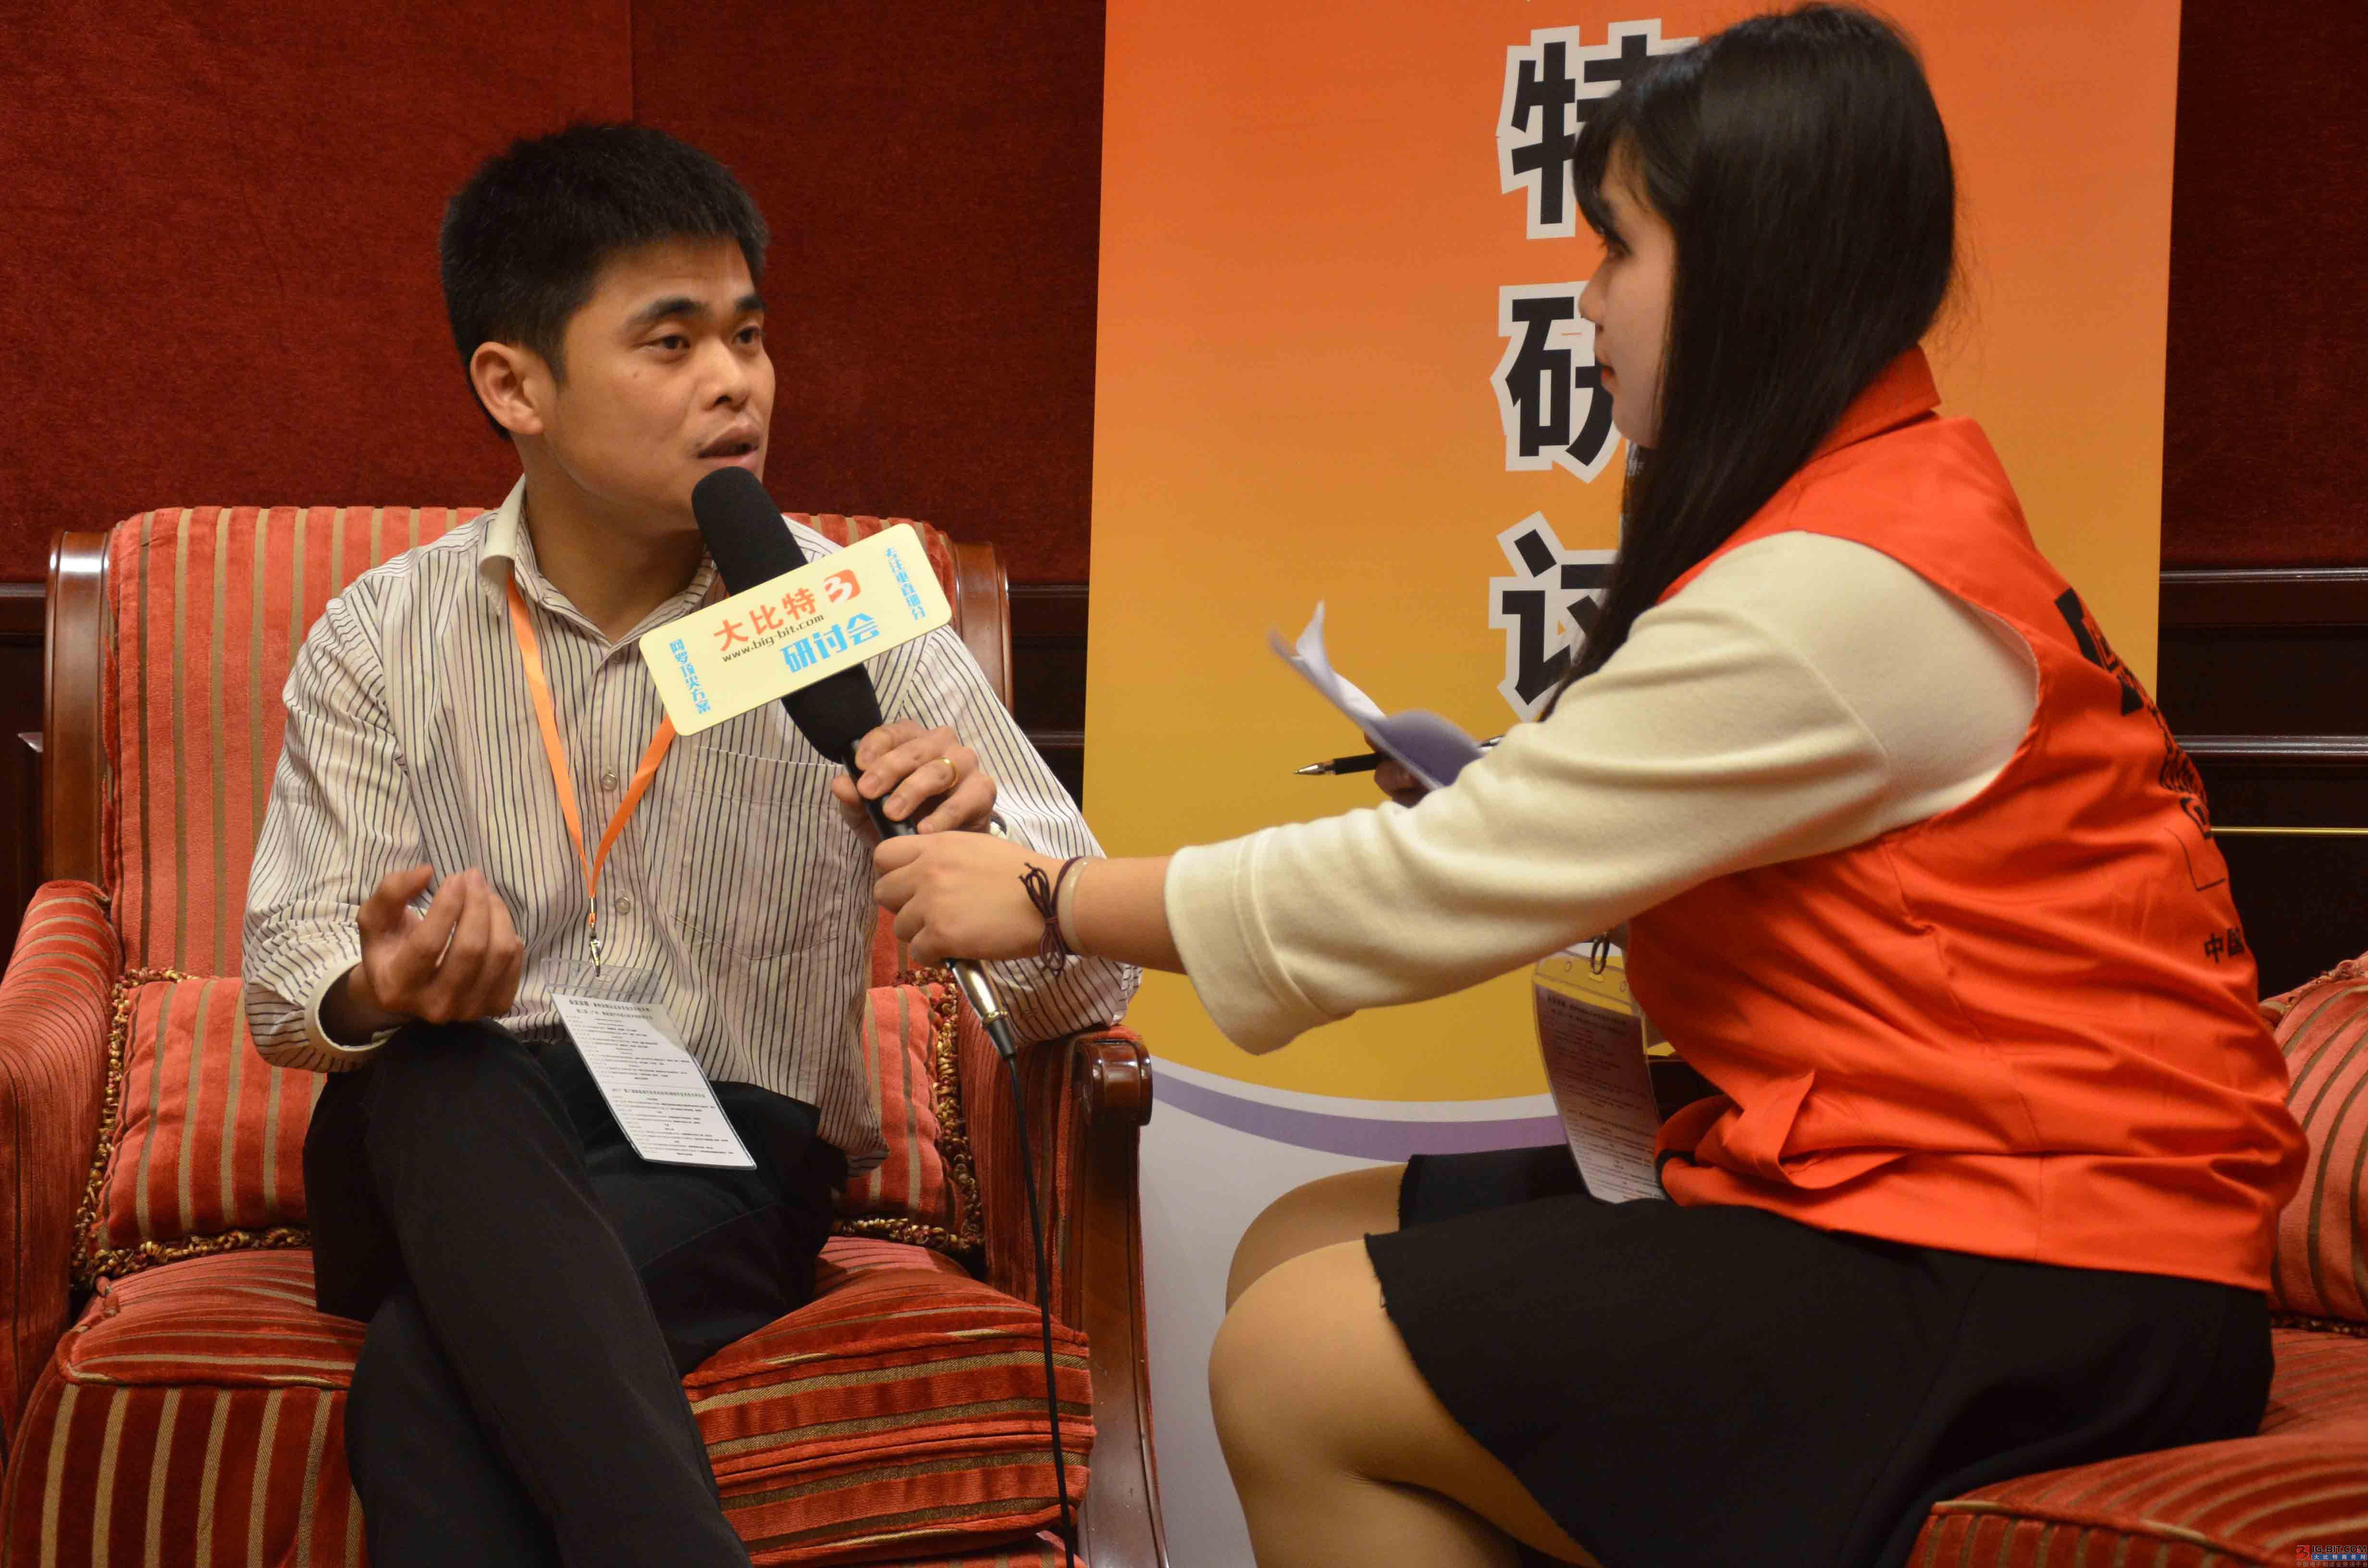 大比特记者采访充电桩企业高管、工程师及演讲嘉宾